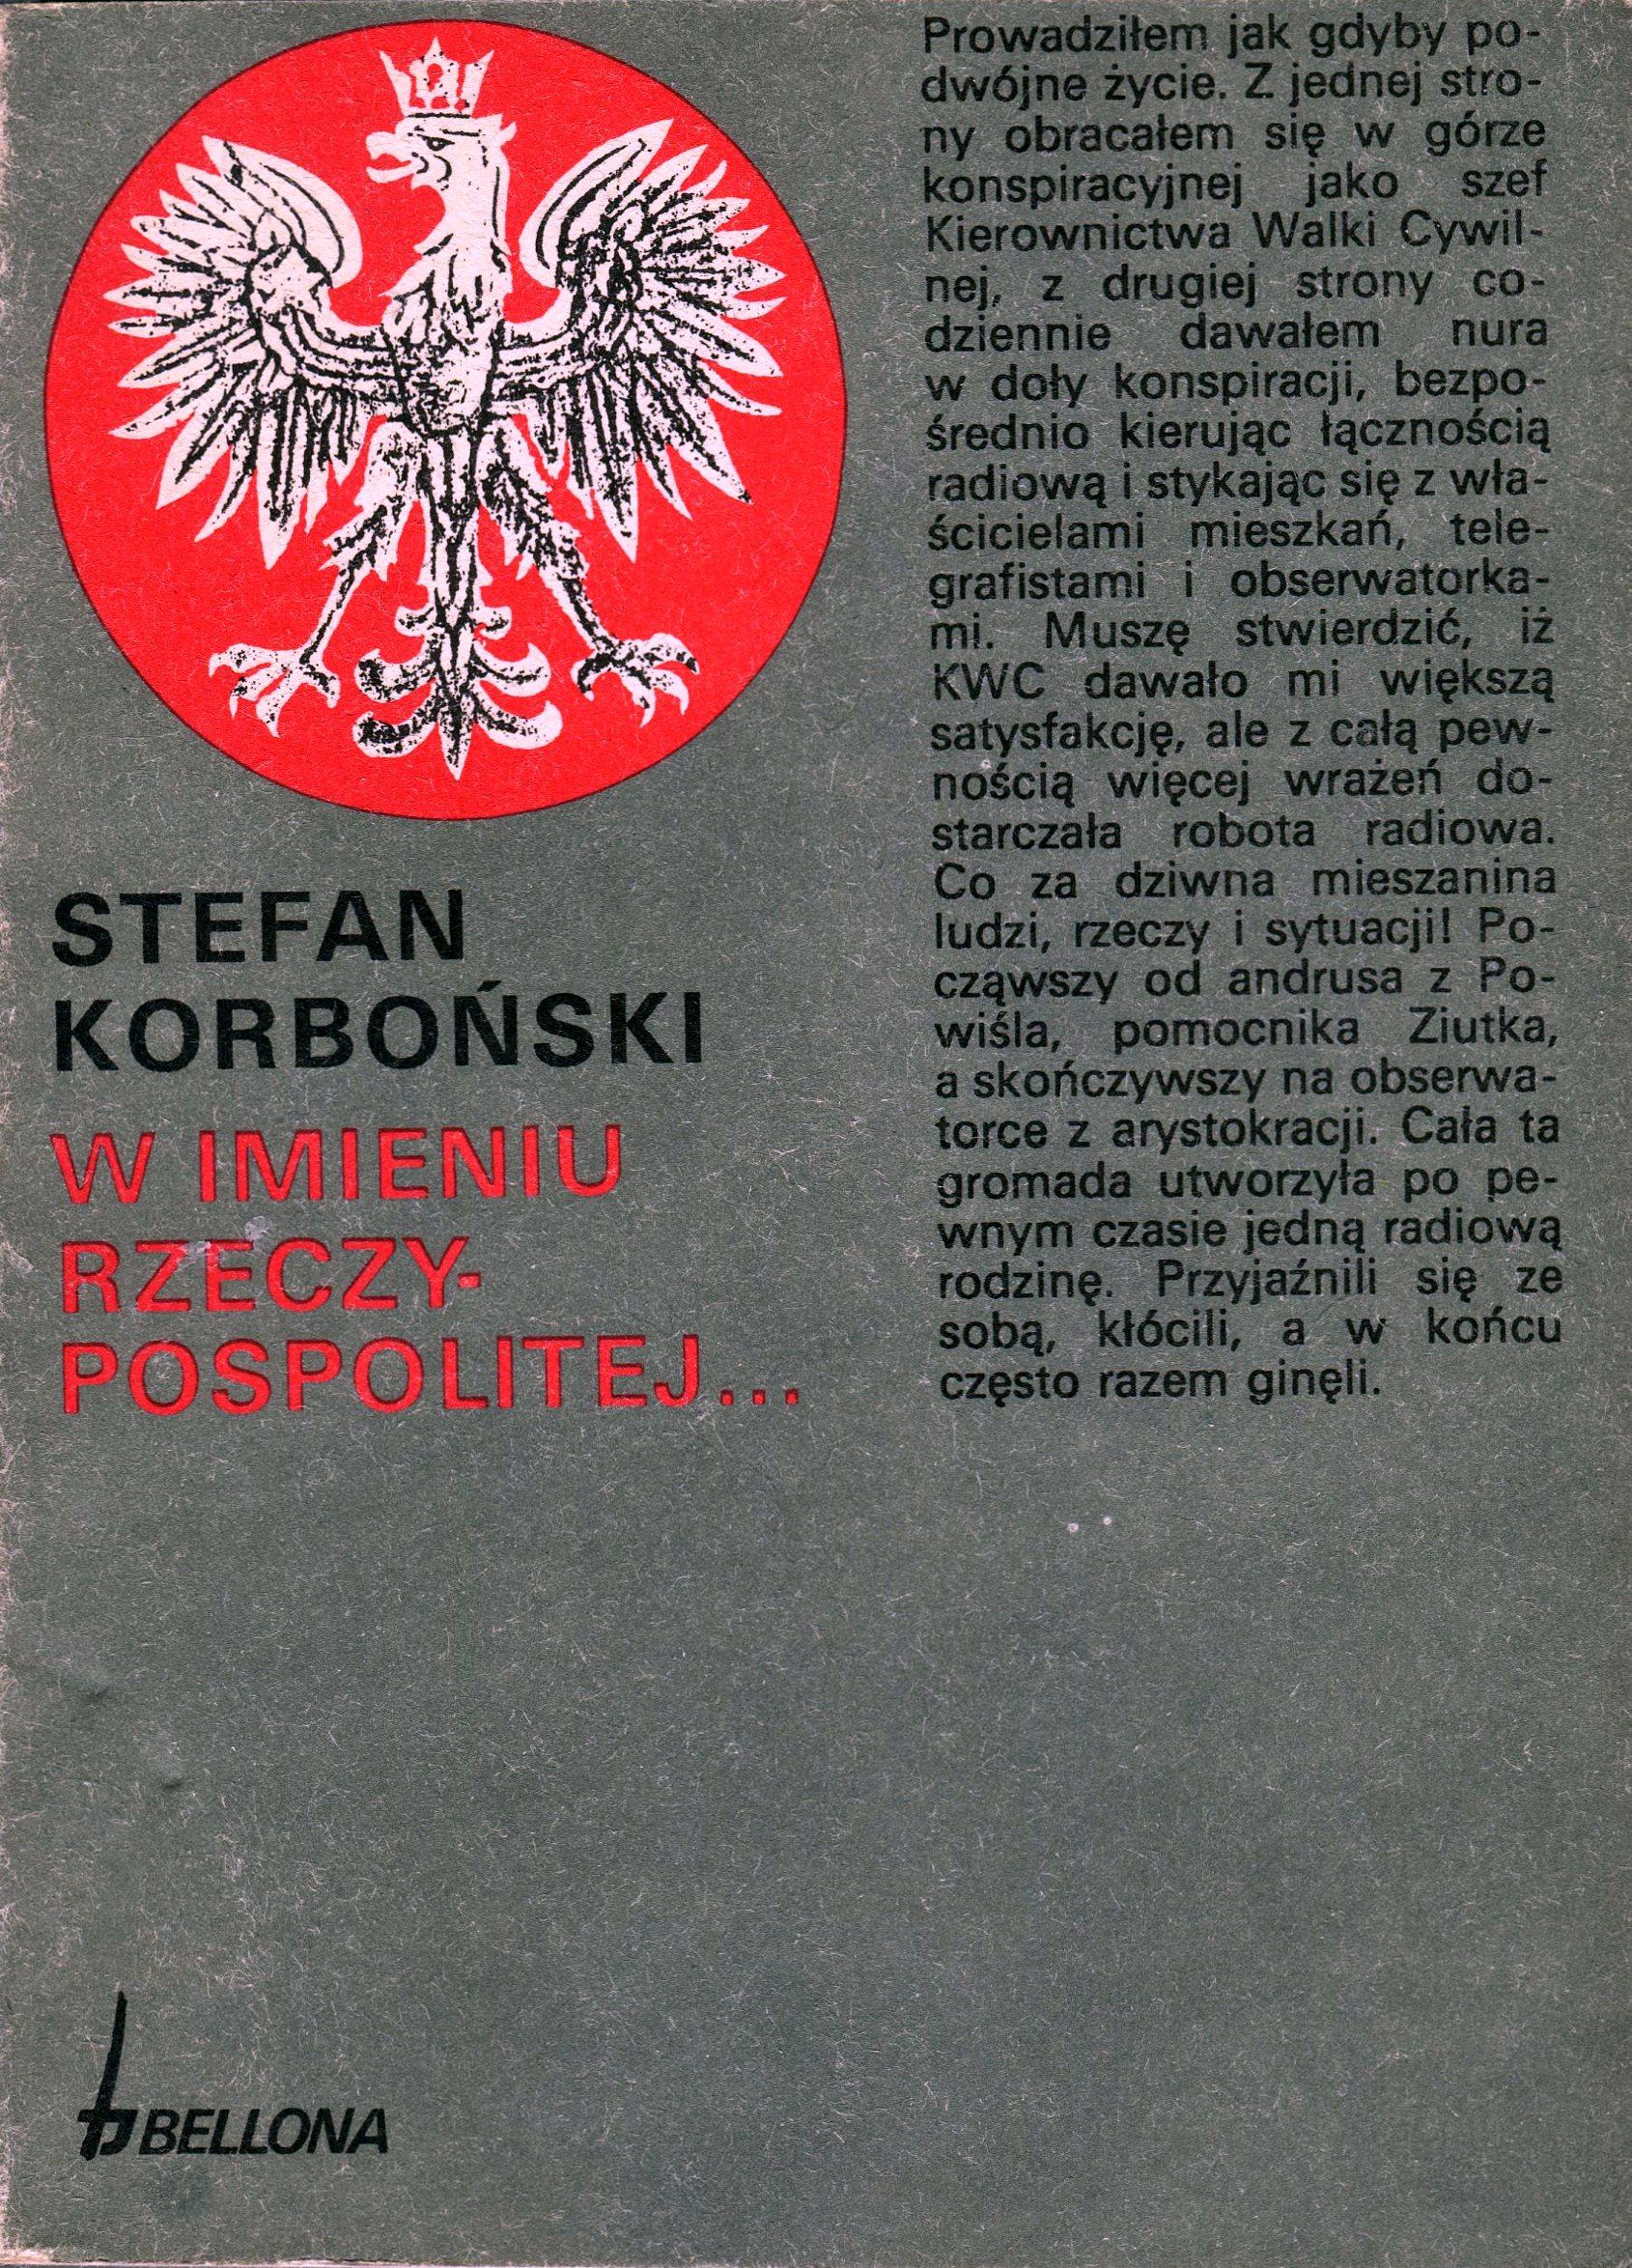 """<div class='inner-box'><div class='close-desc'></div><span class='opis'>Okładka pierwszego w Polsce, oficjalnego wydania """"W imieniu Rzeczypospolitej"""" (wyd. """"Bellona"""", Warszawa 1991).  Książka po raz pierwszy ukazała się nakładem IL w 1954 r, została wznowiona przez wyd. """"Gryf"""" w Londynie w 1964 r. W drugim obiegu wydało ją wydawnictwo """"Krąg"""" (Warszawa 1982 r.)</span><div class='clearfix'></div><span>Sygn. sm00216</span><div class='clearfix'></div><span>© Instytut Literacki</span></div>"""